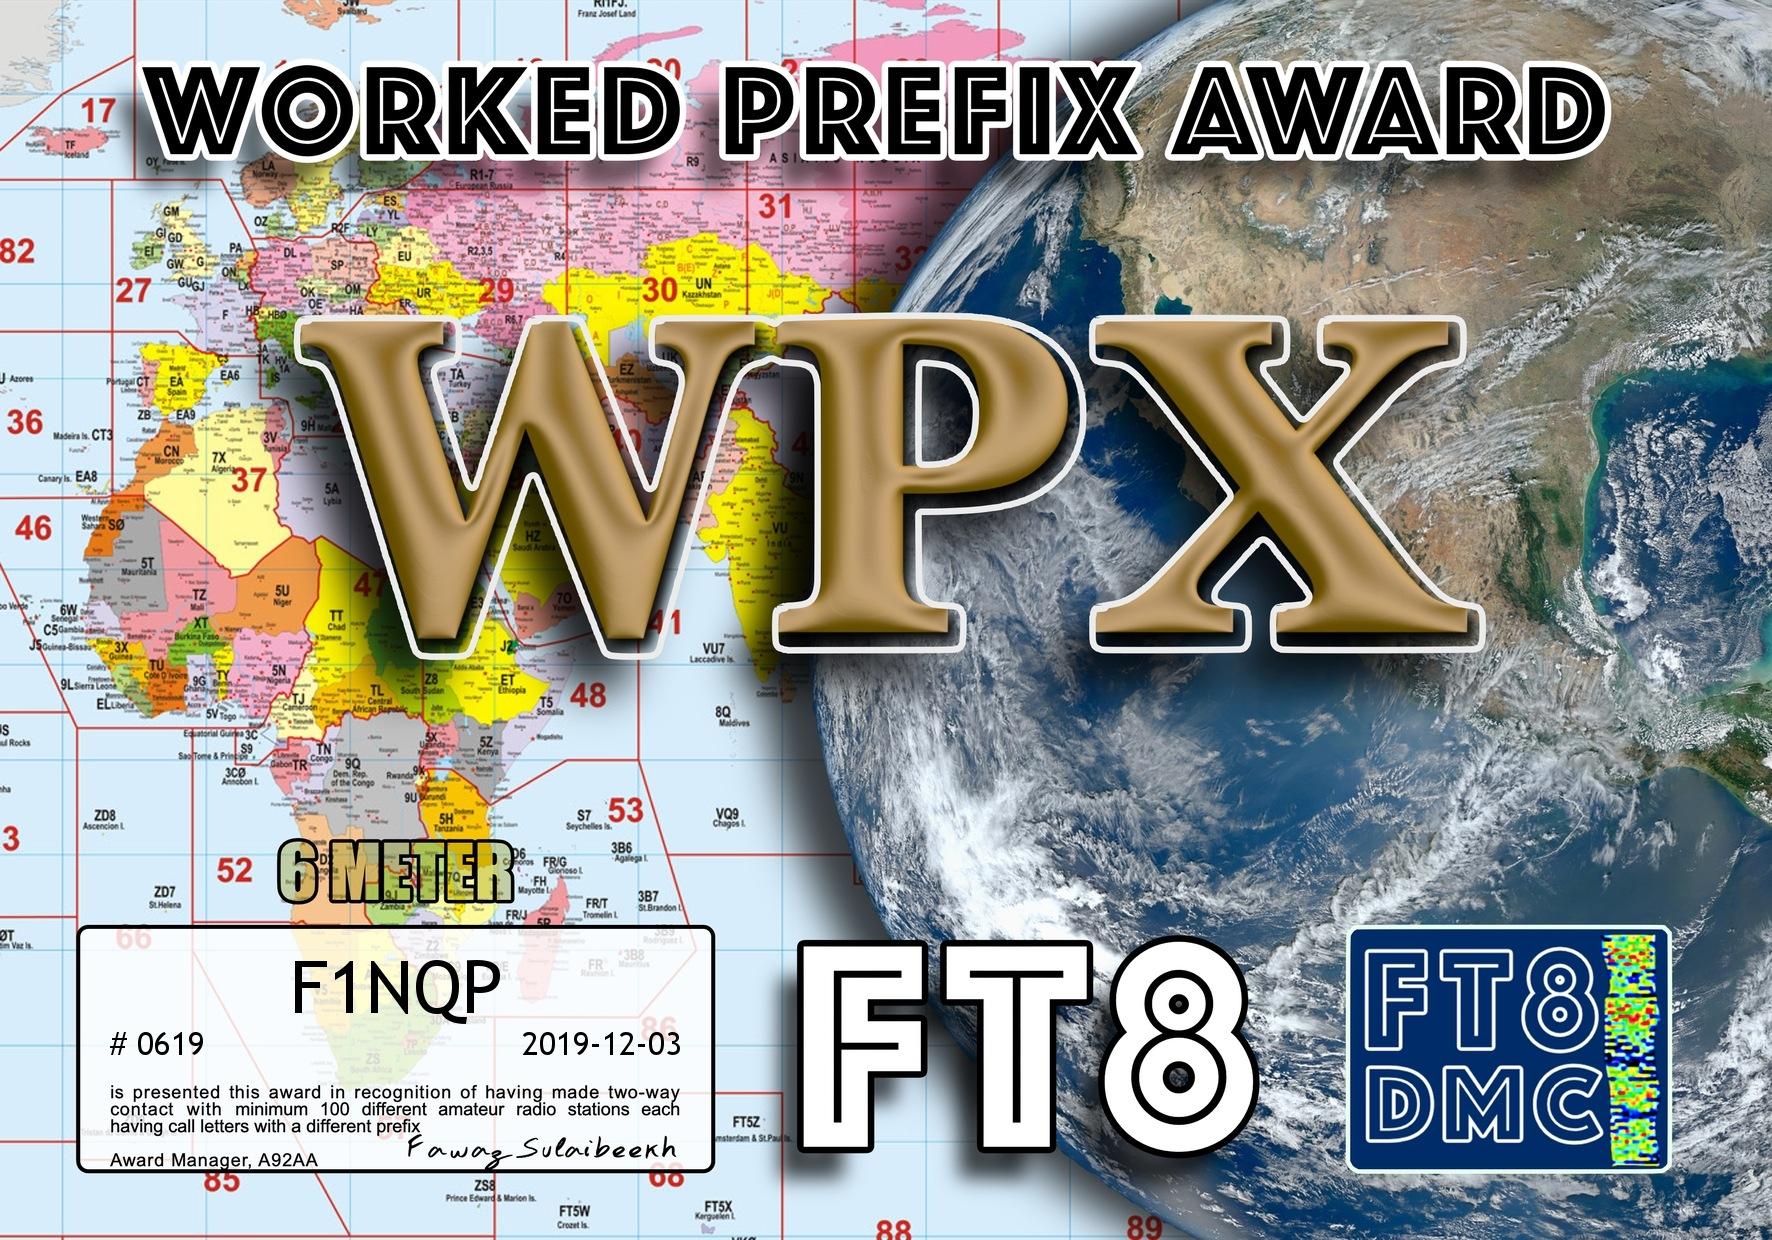 F1NQP-WPX6-100.jpg